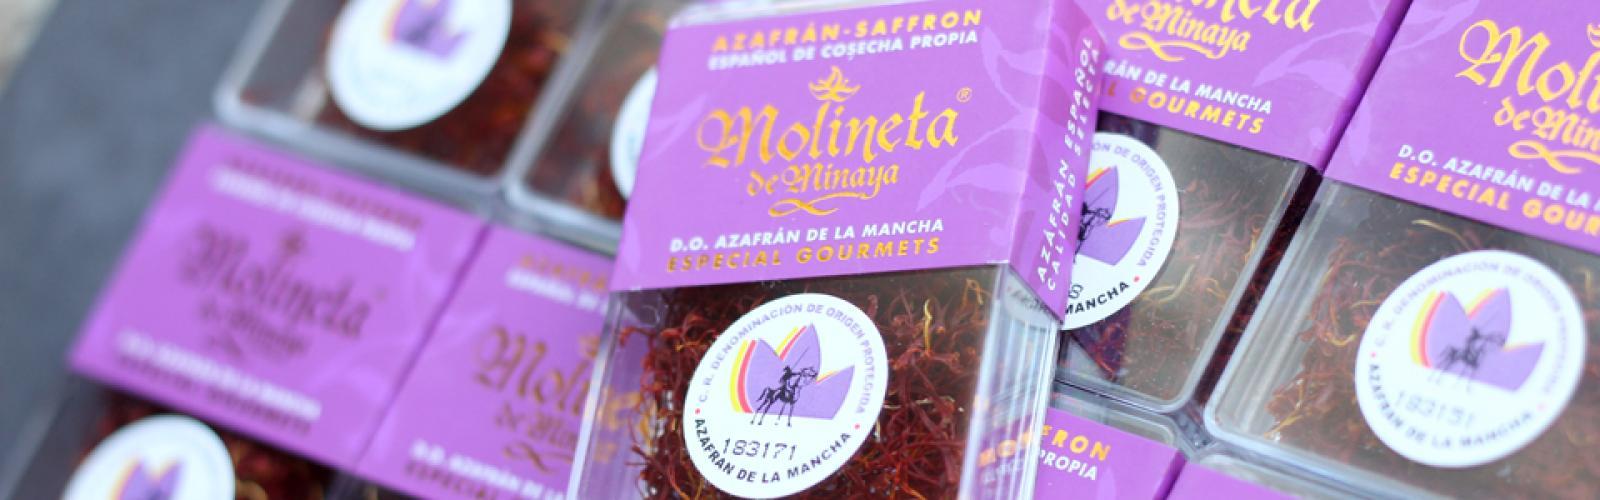 Molineta Spanish Saffron 0.5g